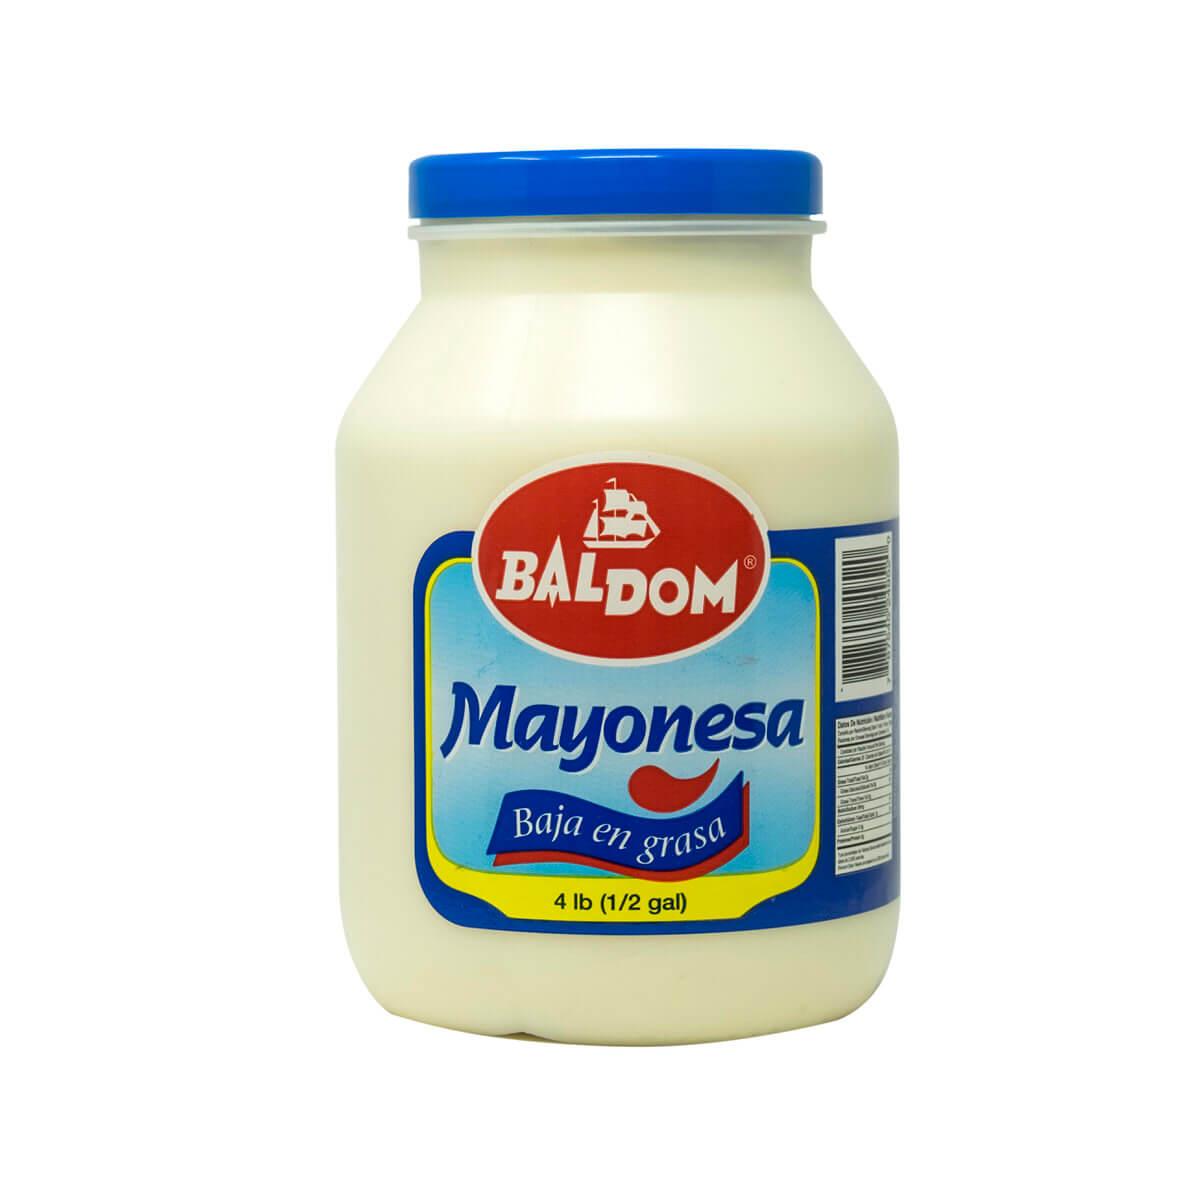 Mayonesa Baja en grasa 1/2 galón